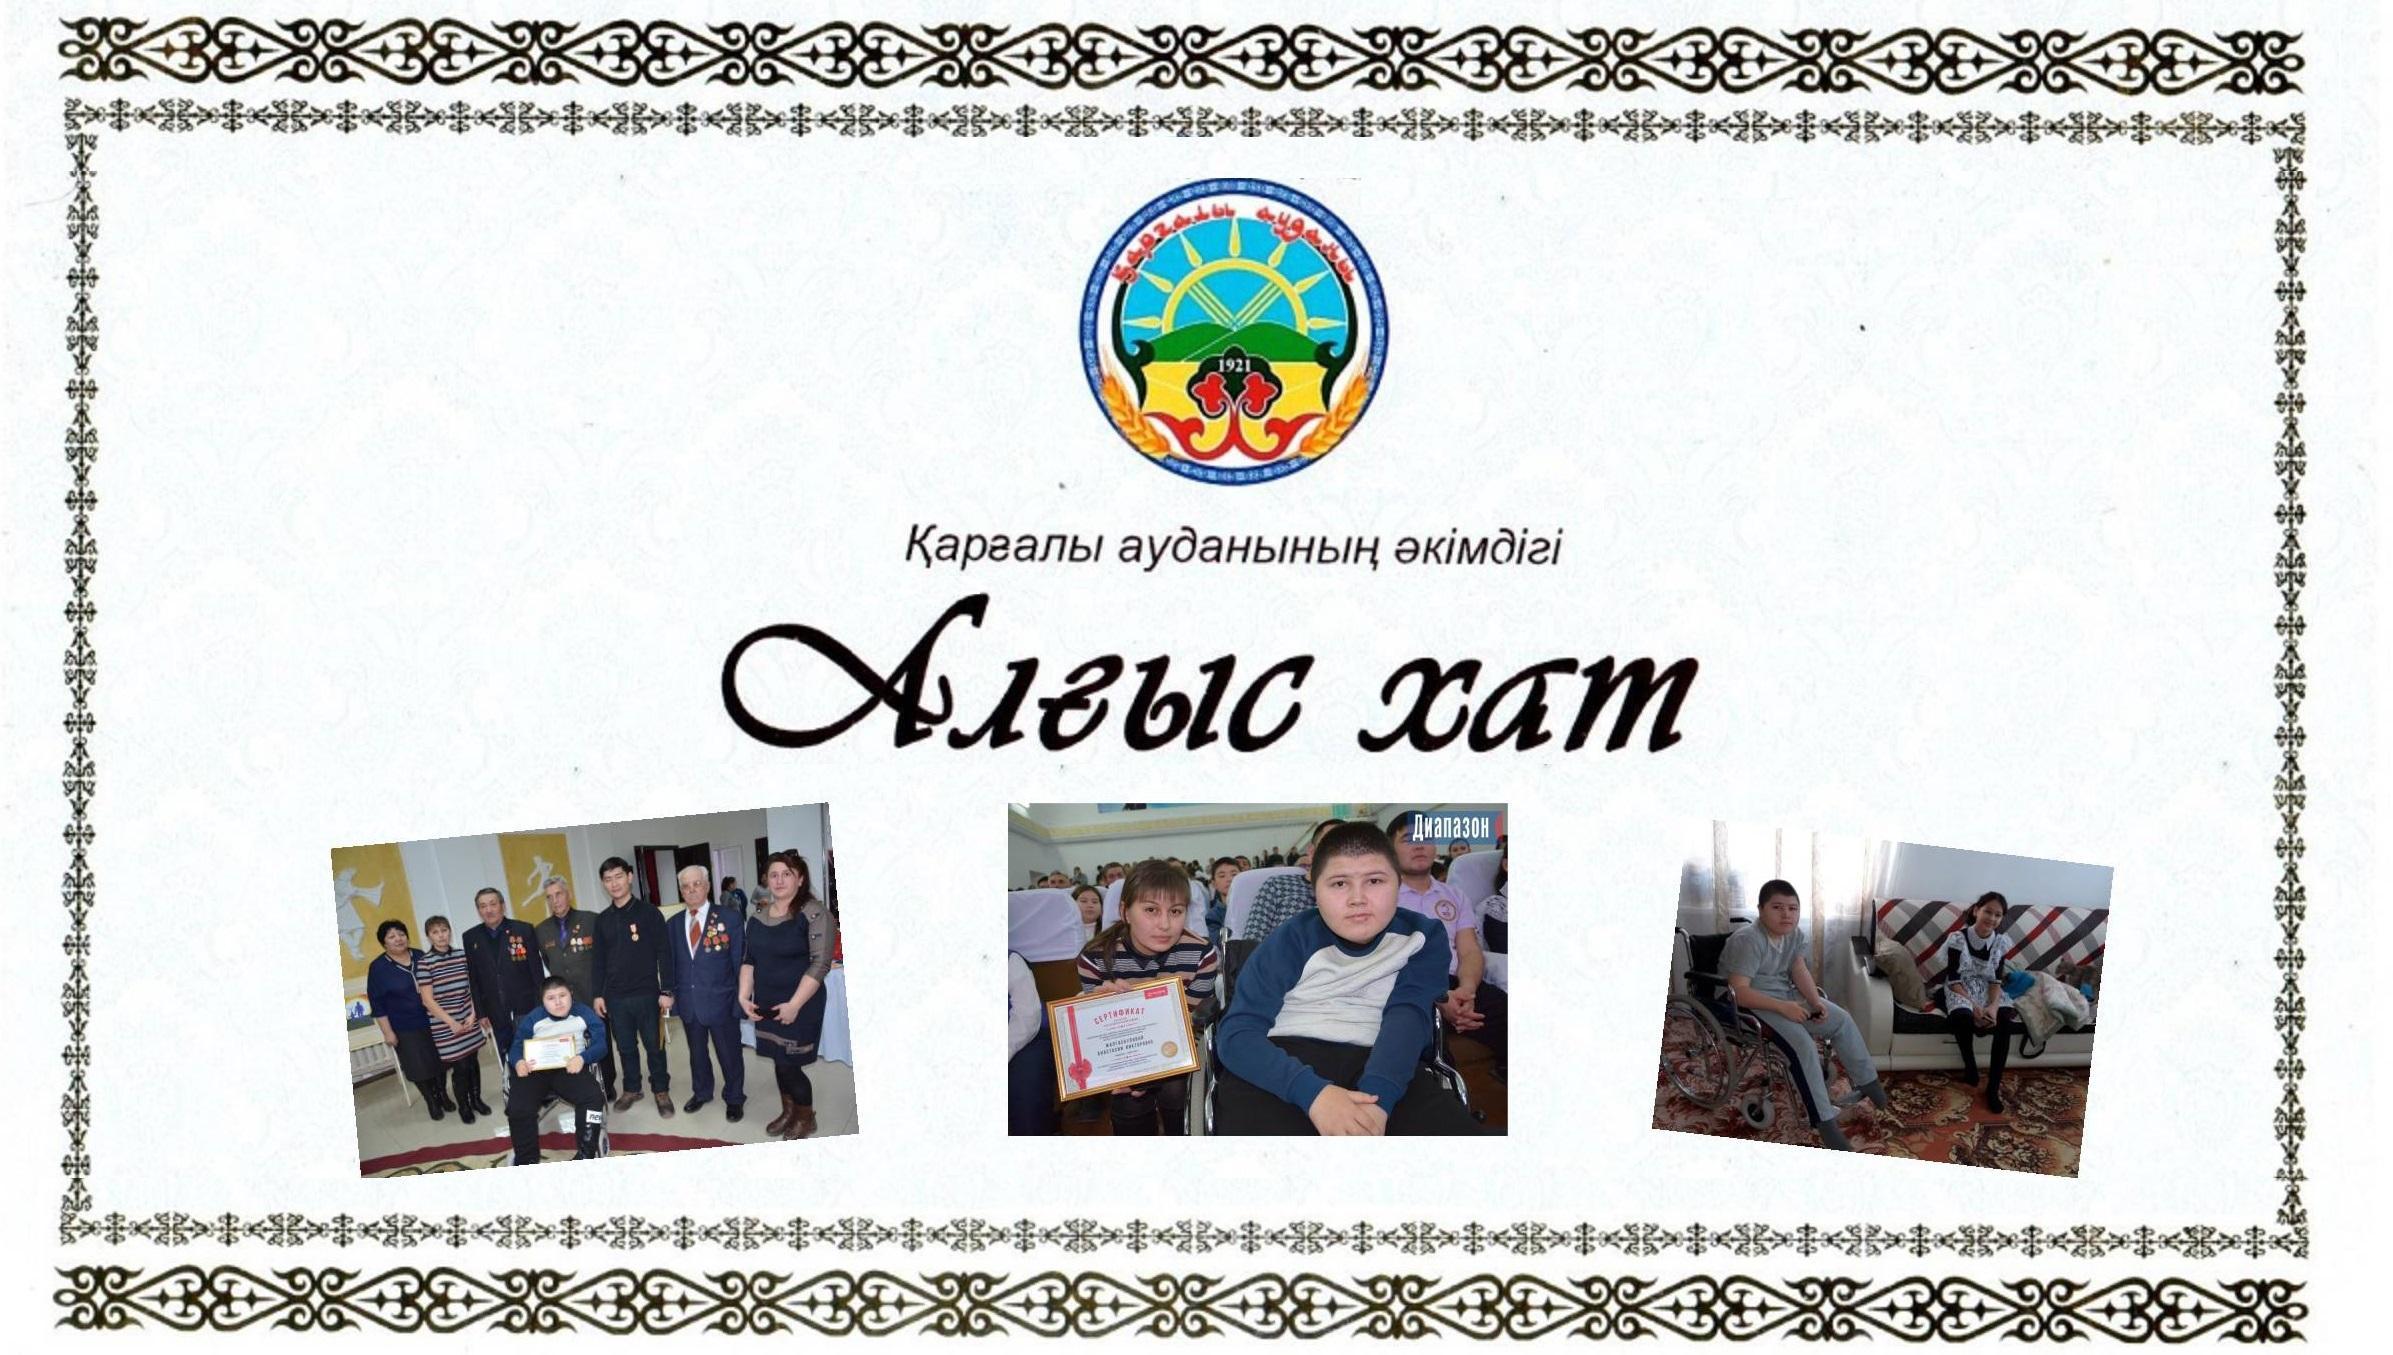 Благодарственное письмо от Акима Каргалинского района